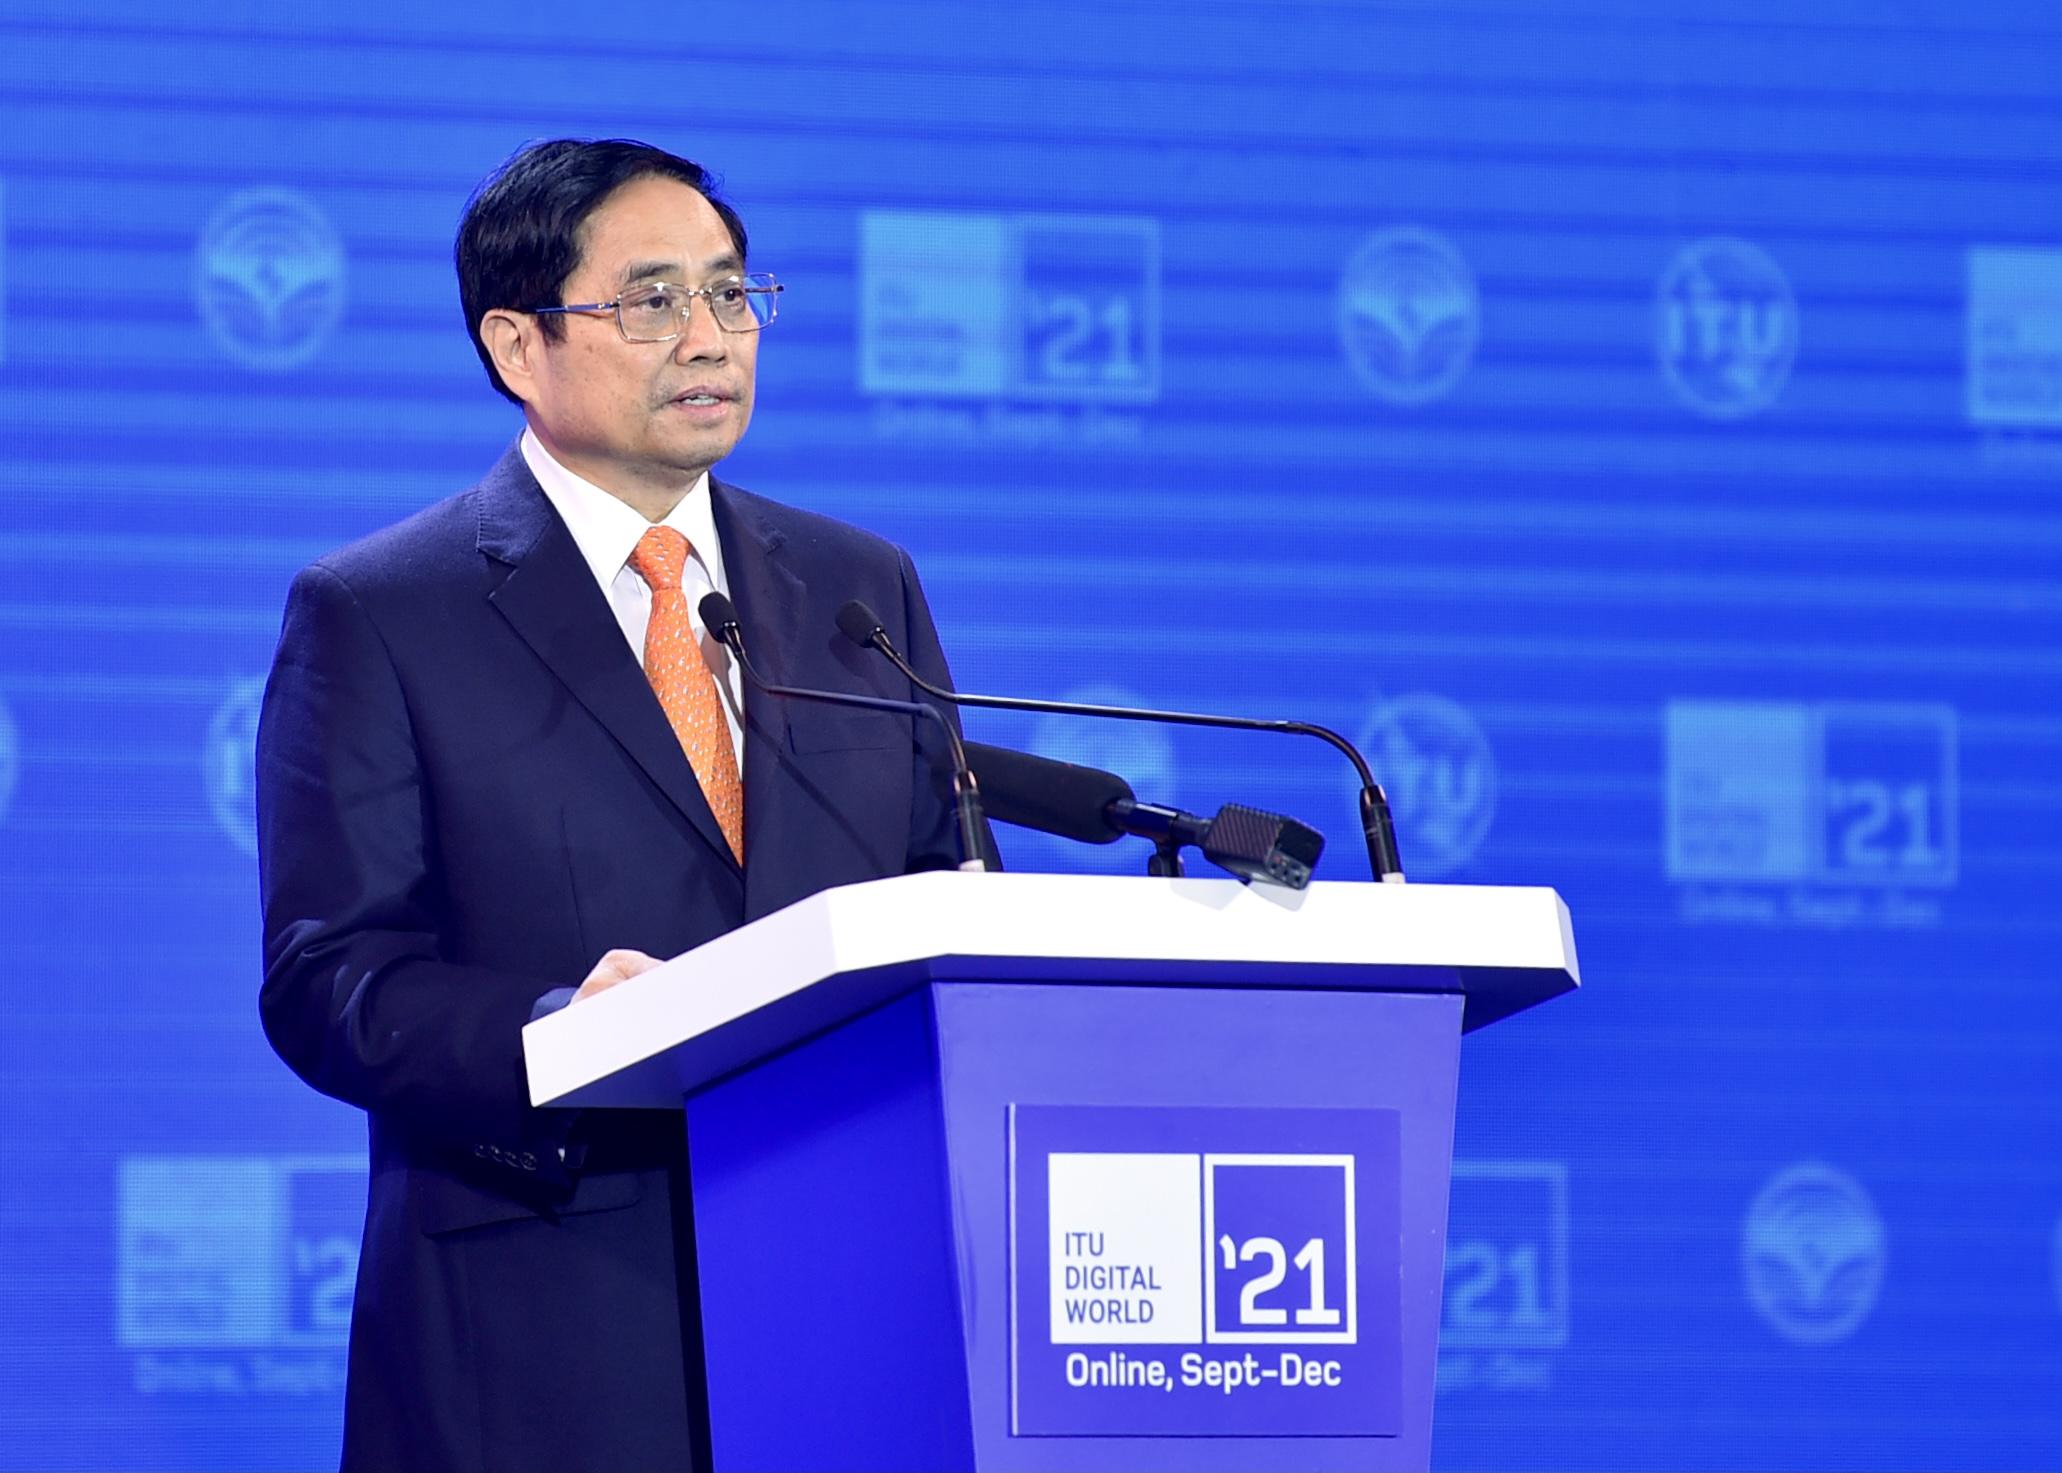 Thủ tướng Chính phủ Phạm Minh Chính:Chính phủ luôn tin tưởng lực lượng doanh nghiệp công nghệ số Việt Nam sẽ đóng vai trò quan trọng đối với việc triển khai thành công tiến trình này; để kinh tế số Việt Nam phấn đấu chiếm hơn 20% tỉ trọng GDP quốc gia vào năm 2025 và phấn đấu đạt 30% vào năm 2030.